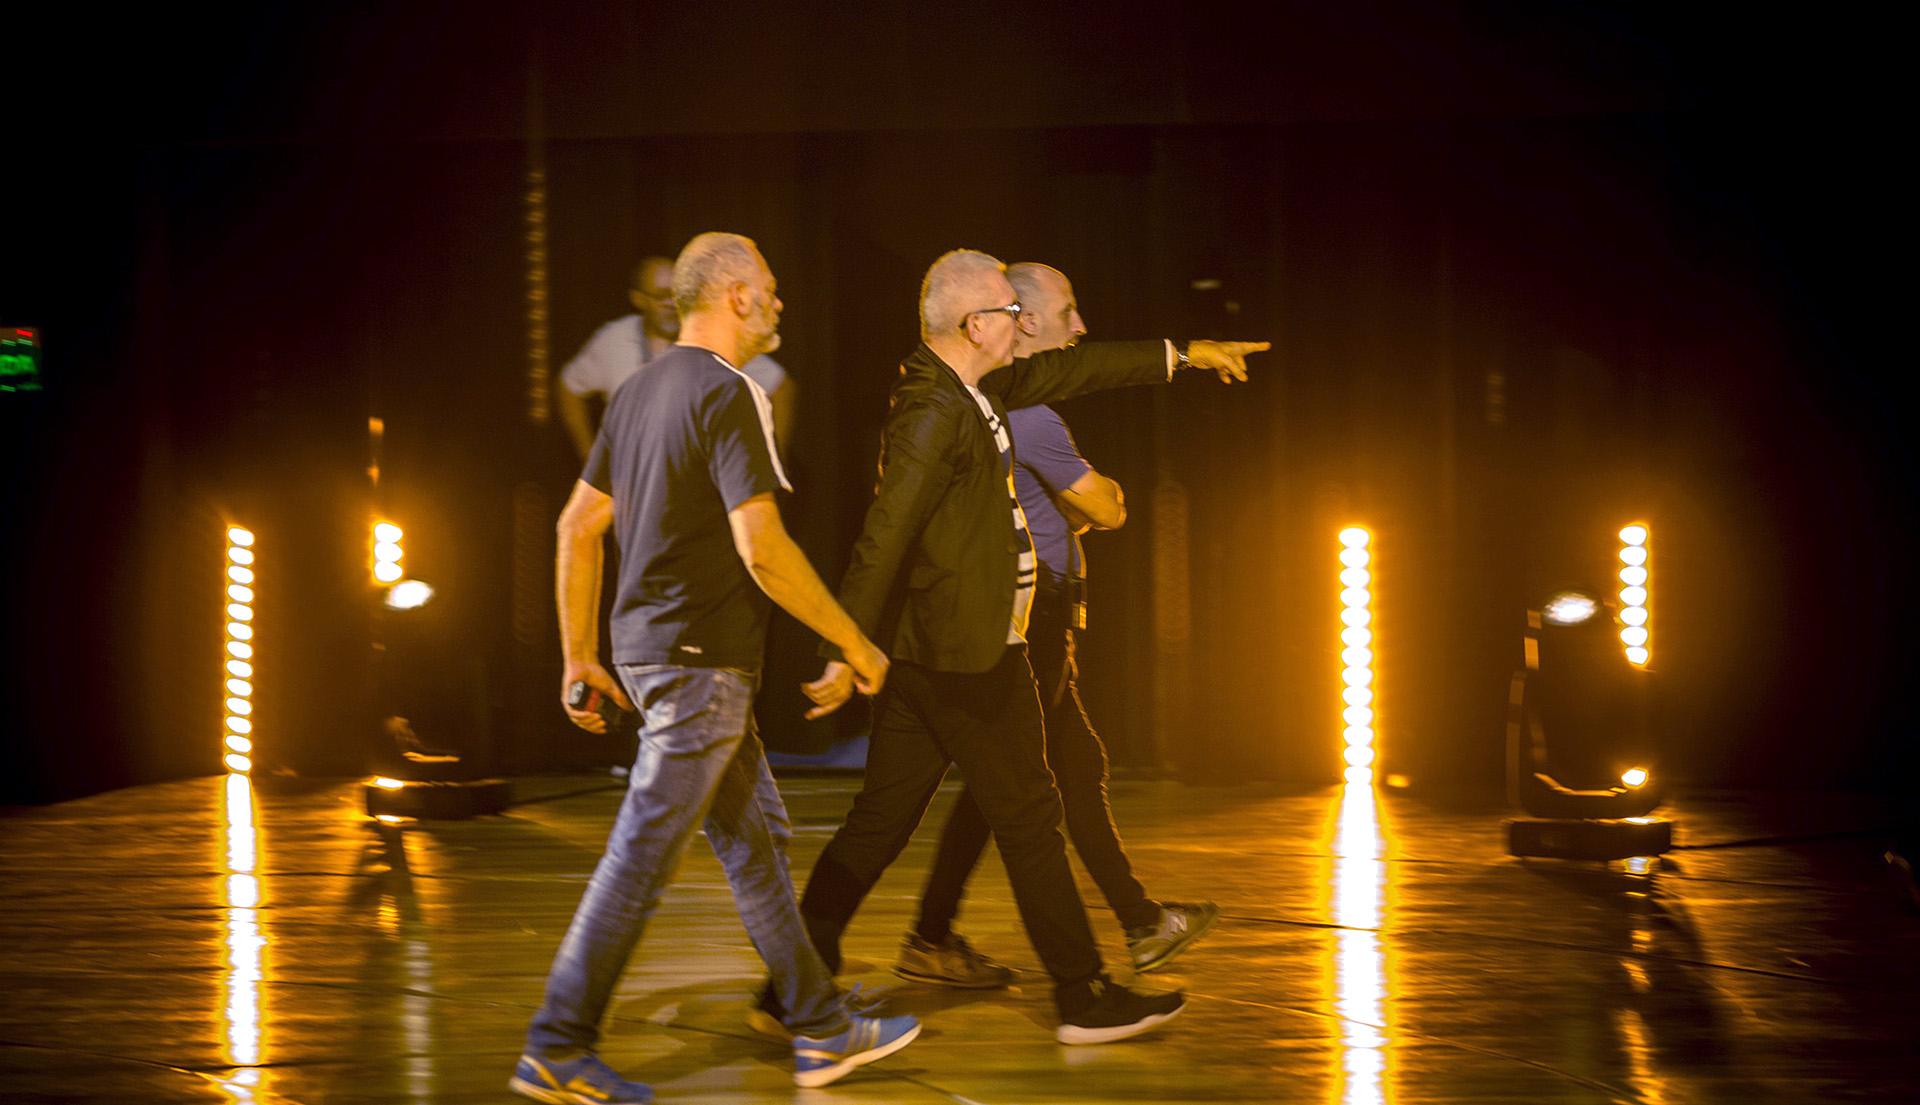 Últimos detalles antes del gran show. Jean Paul junto a su equipo recorre la Sala Sinfónica, el escenario elegido para presentar la colección